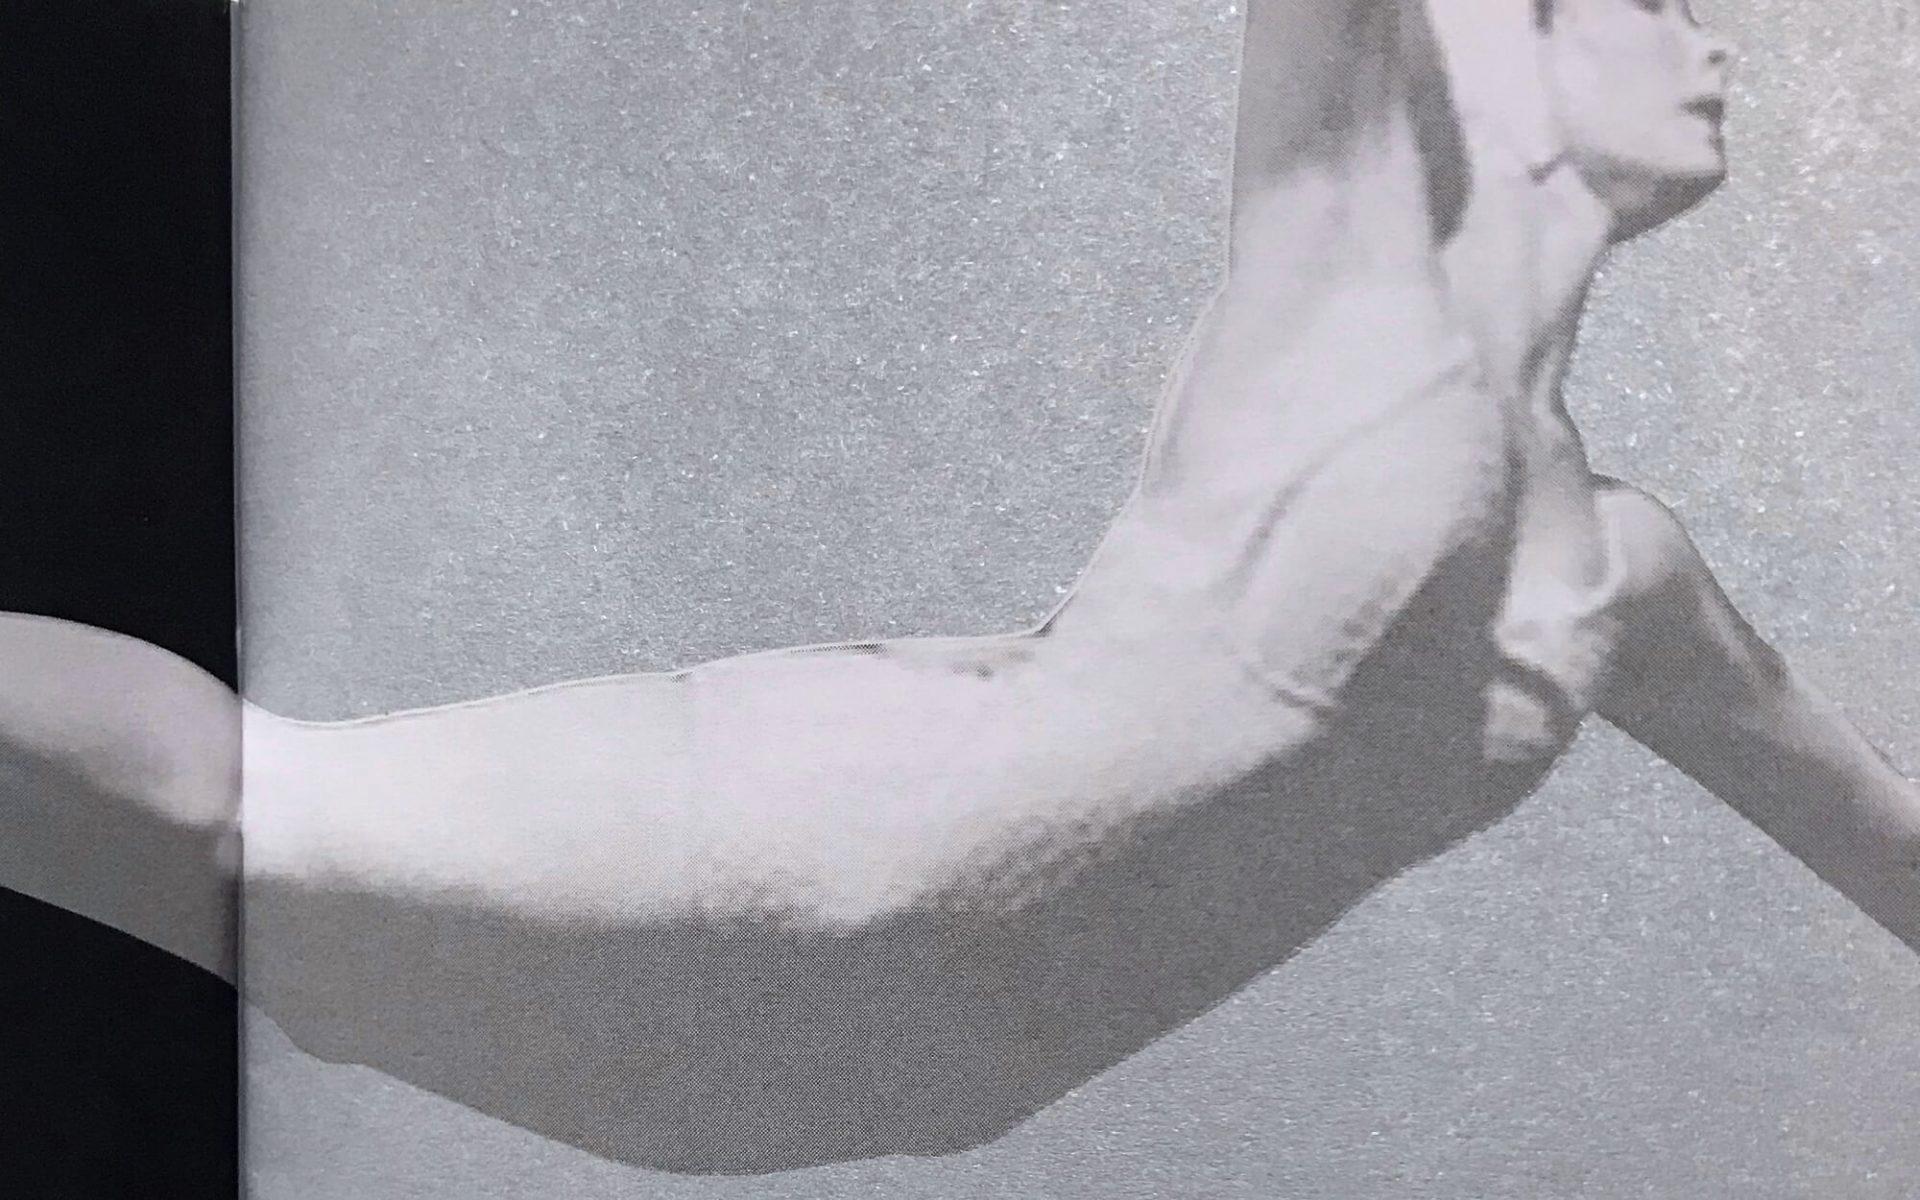 dettaglio della brochure stampata su carta argento, realizzata per garda jazz festival, e progettata dalla agenzia di comunicazione diadestudio arco di trento